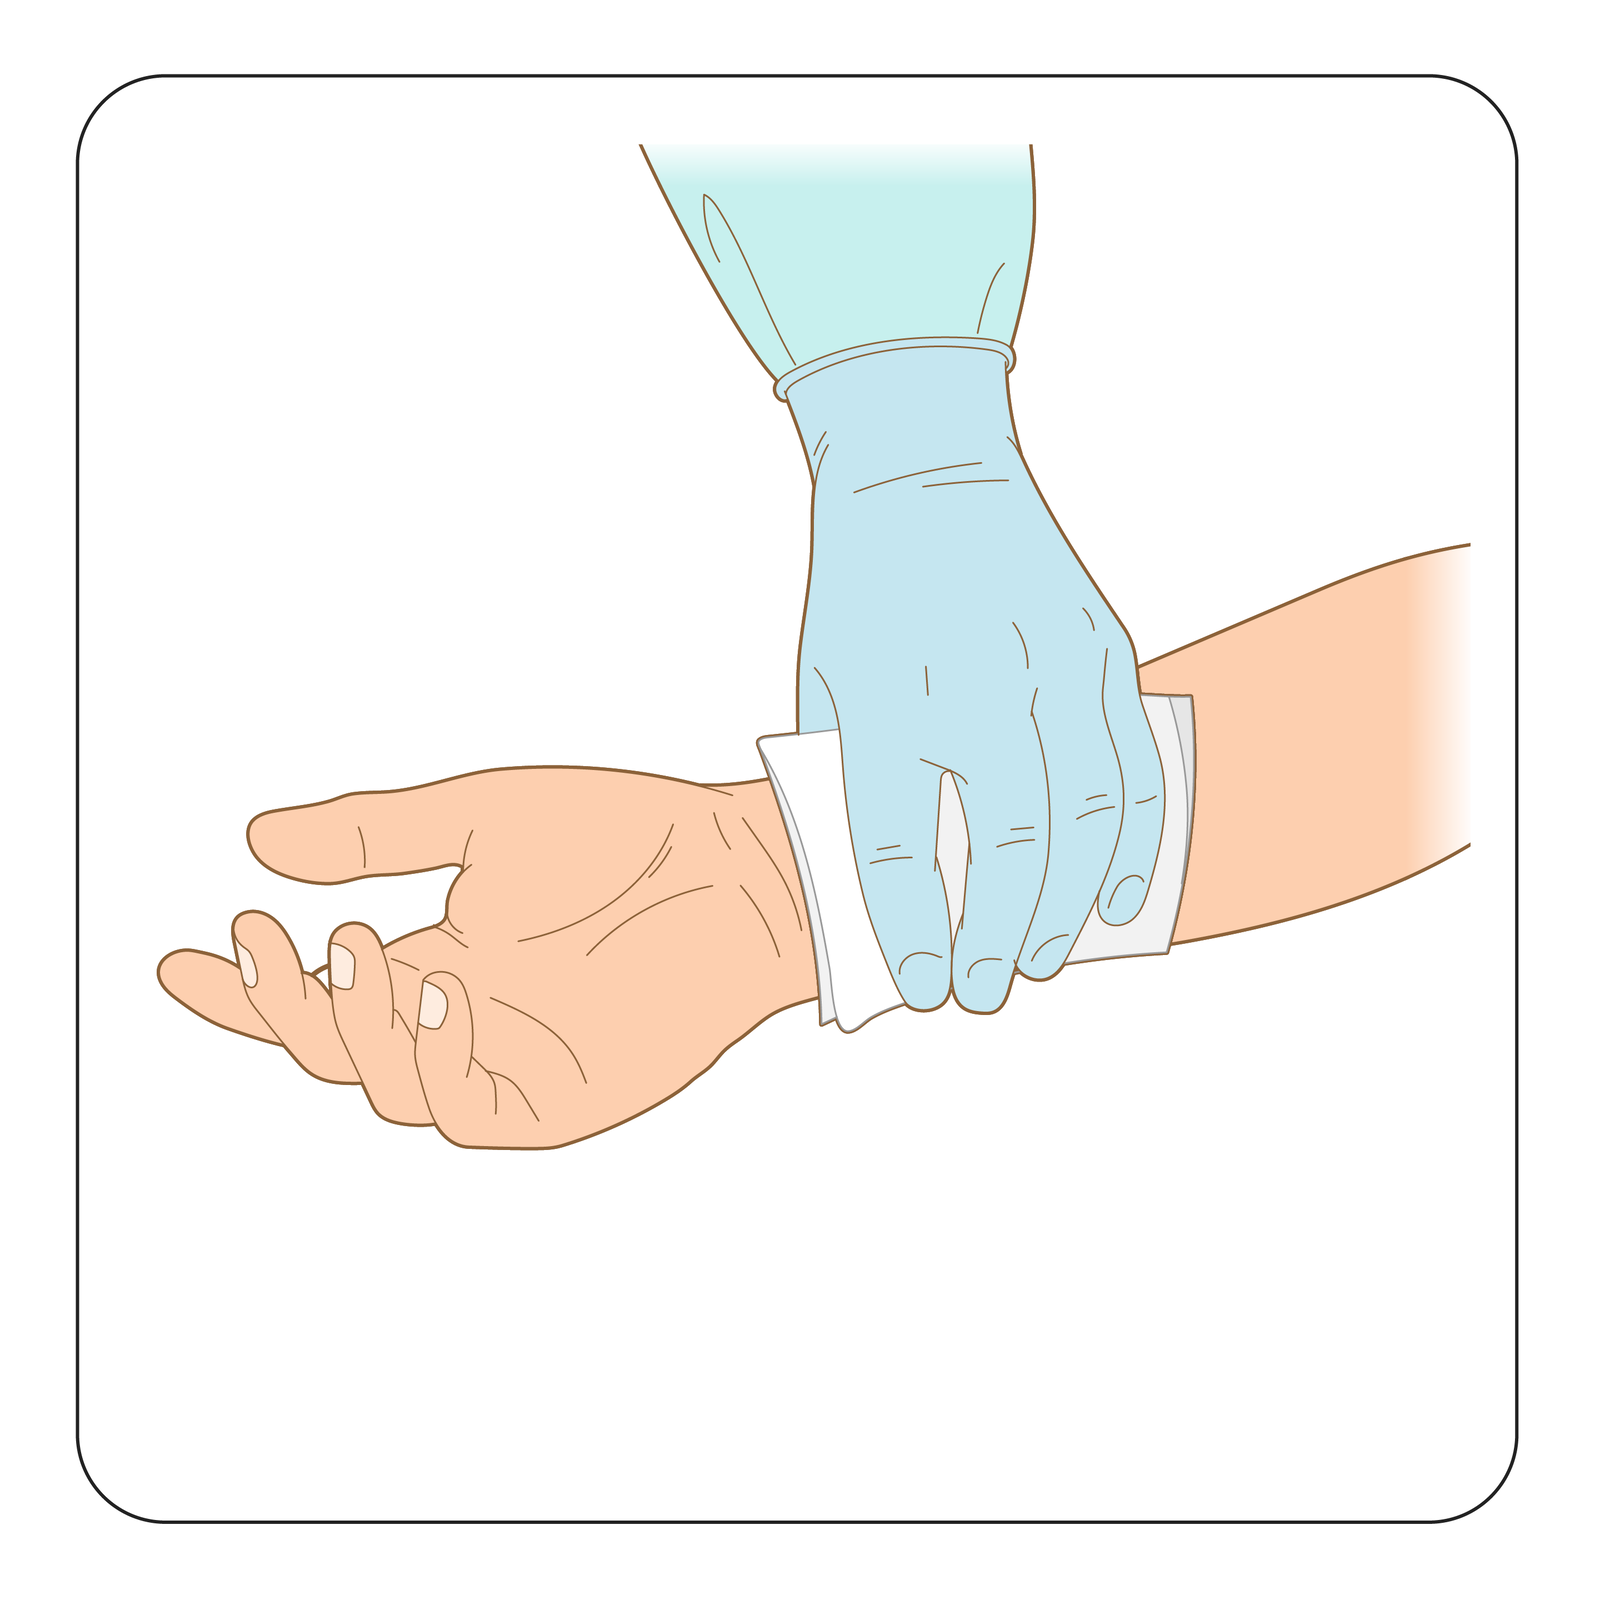 Ilustracja przedstawia sposób umieszczenia jałowej gazy na zranieniu. Prawa ręka skierowana wlewą stronę. Dłoń otwarta, wnętrzem skierowana wstronę obserwatora. Sanitariusz, przykłada jałową gazę na miejsce zranienia powyżej nadgarstka. Dłoń sanitariusza wgumowej rękawicy ochronnej.